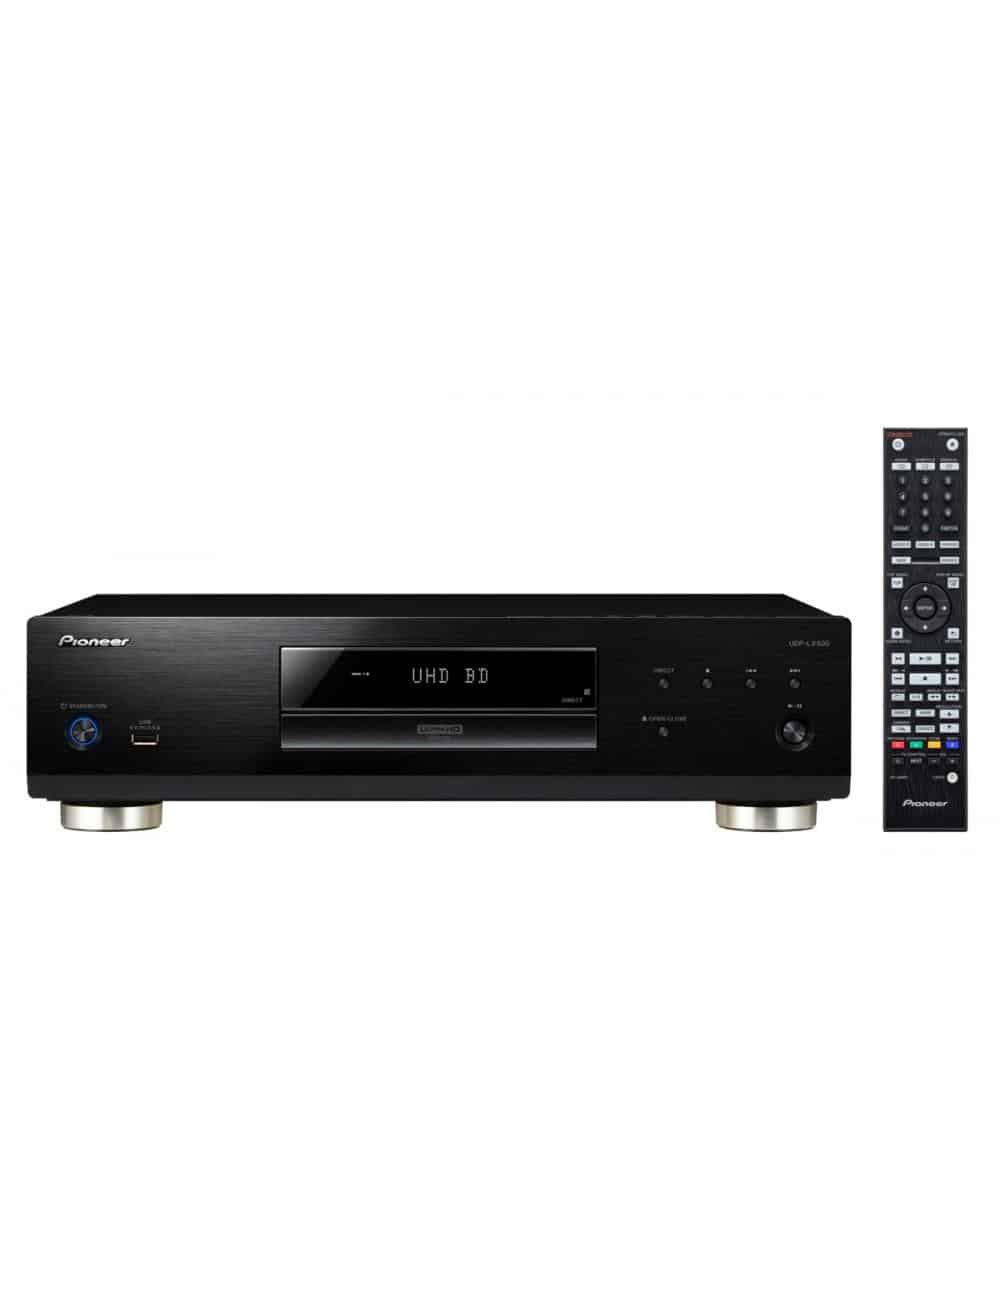 lettore universale di dischi UHD BD, BD, DVD e CD per HiFi ed Home Cinema, Pioneer UDP-LX500, vista frontale con teelcomando